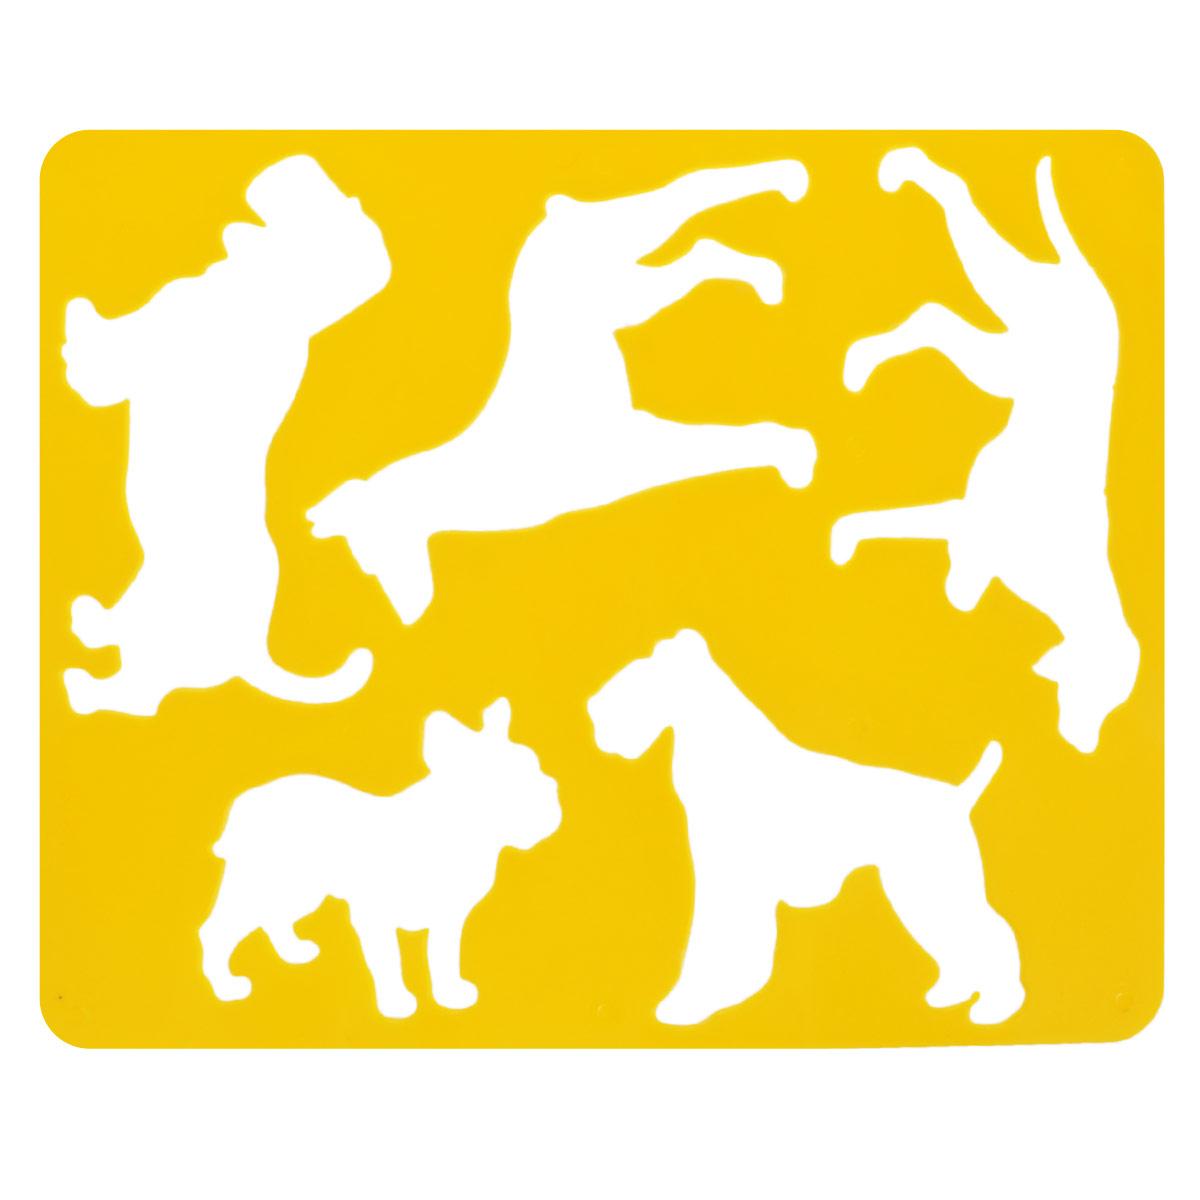 Трафарет Породы собак, цвет: желтыйC05620_желтыйТрафарет Породы собак идеально подойдет для изготовления открыток, аппликаций, приглашений и других оригинальных изделий. Комплект состоит из трафарета и бумажной основы с изображениями собак различных пород.